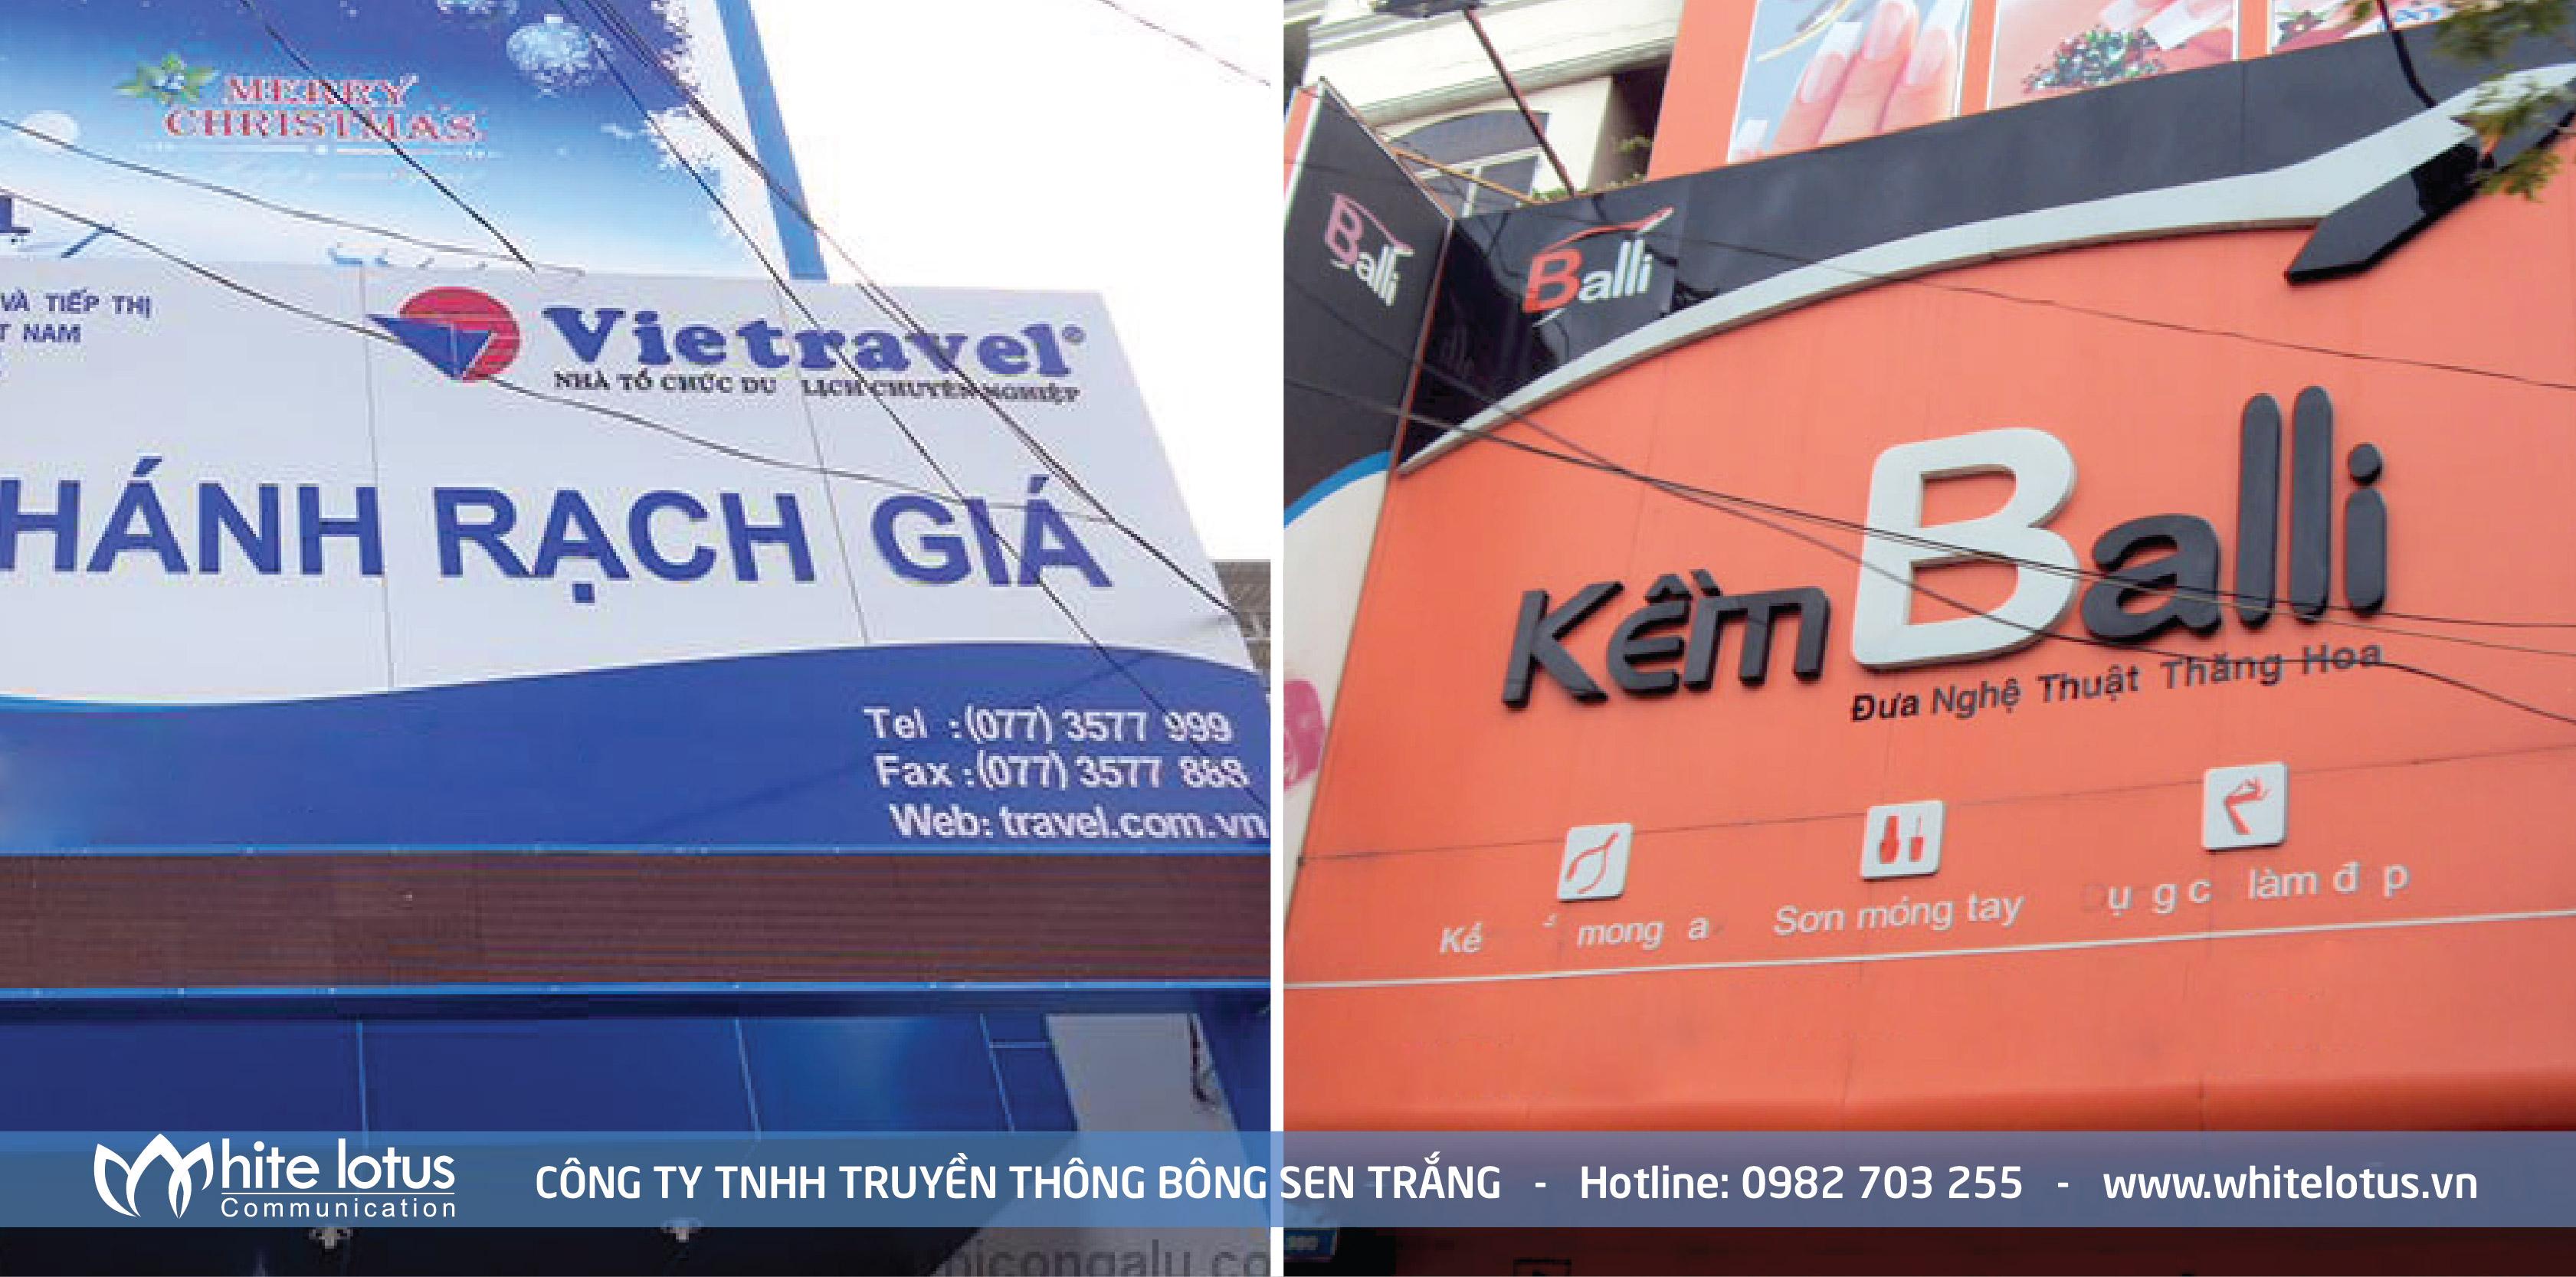 Với sự đa dạng của vật liệu thi công bảng hiệu quảng cáo như hiện nay, Quý Khách sẽ có nhiều sự lựa chọn hơn cho ngành nghề kinh doanh của minh, ...